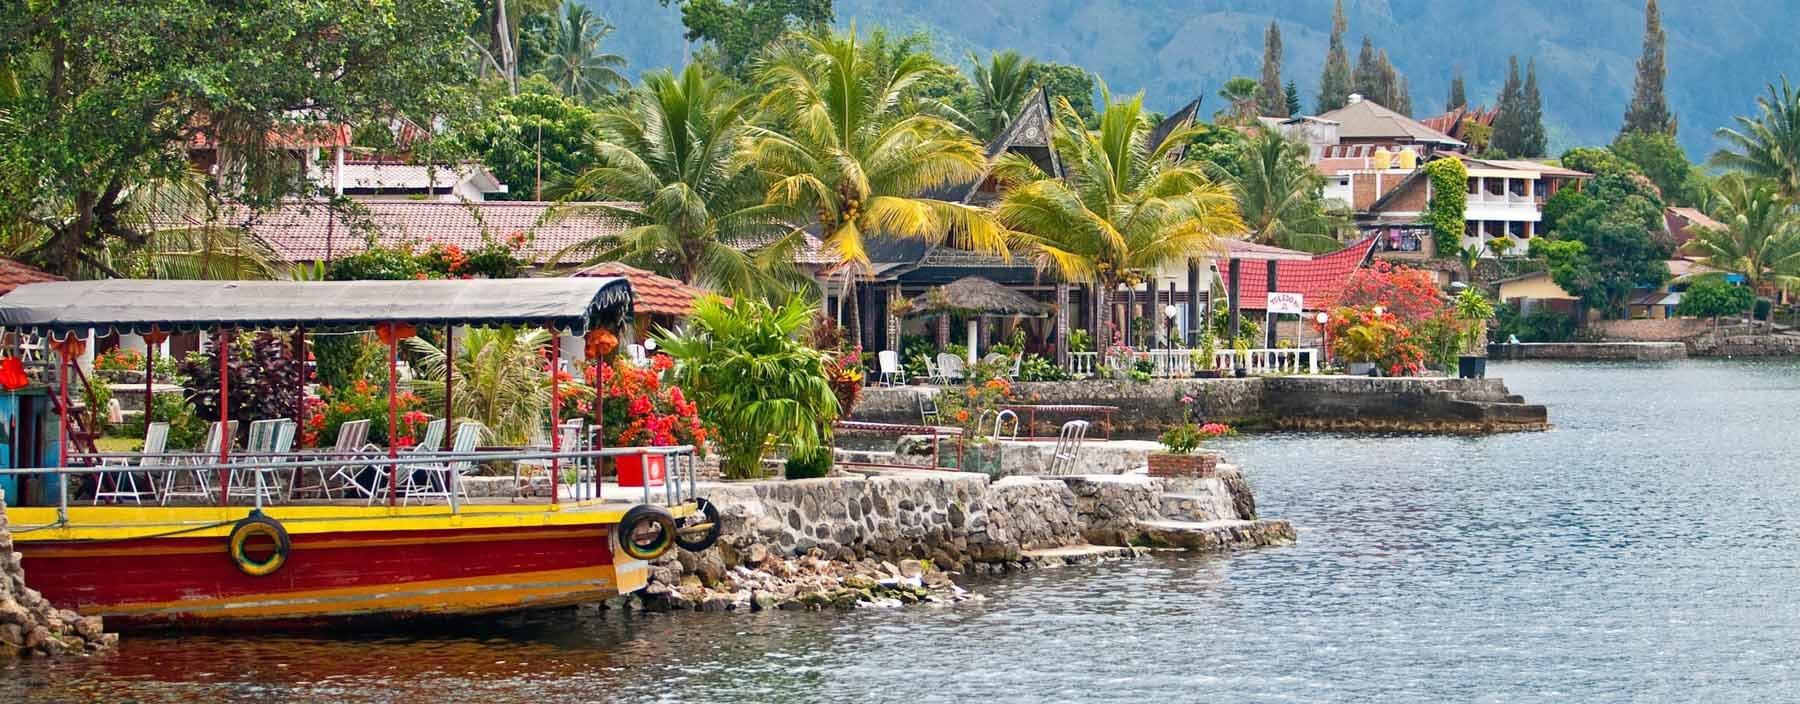 id, sumatra, lake toba  (4).jpg